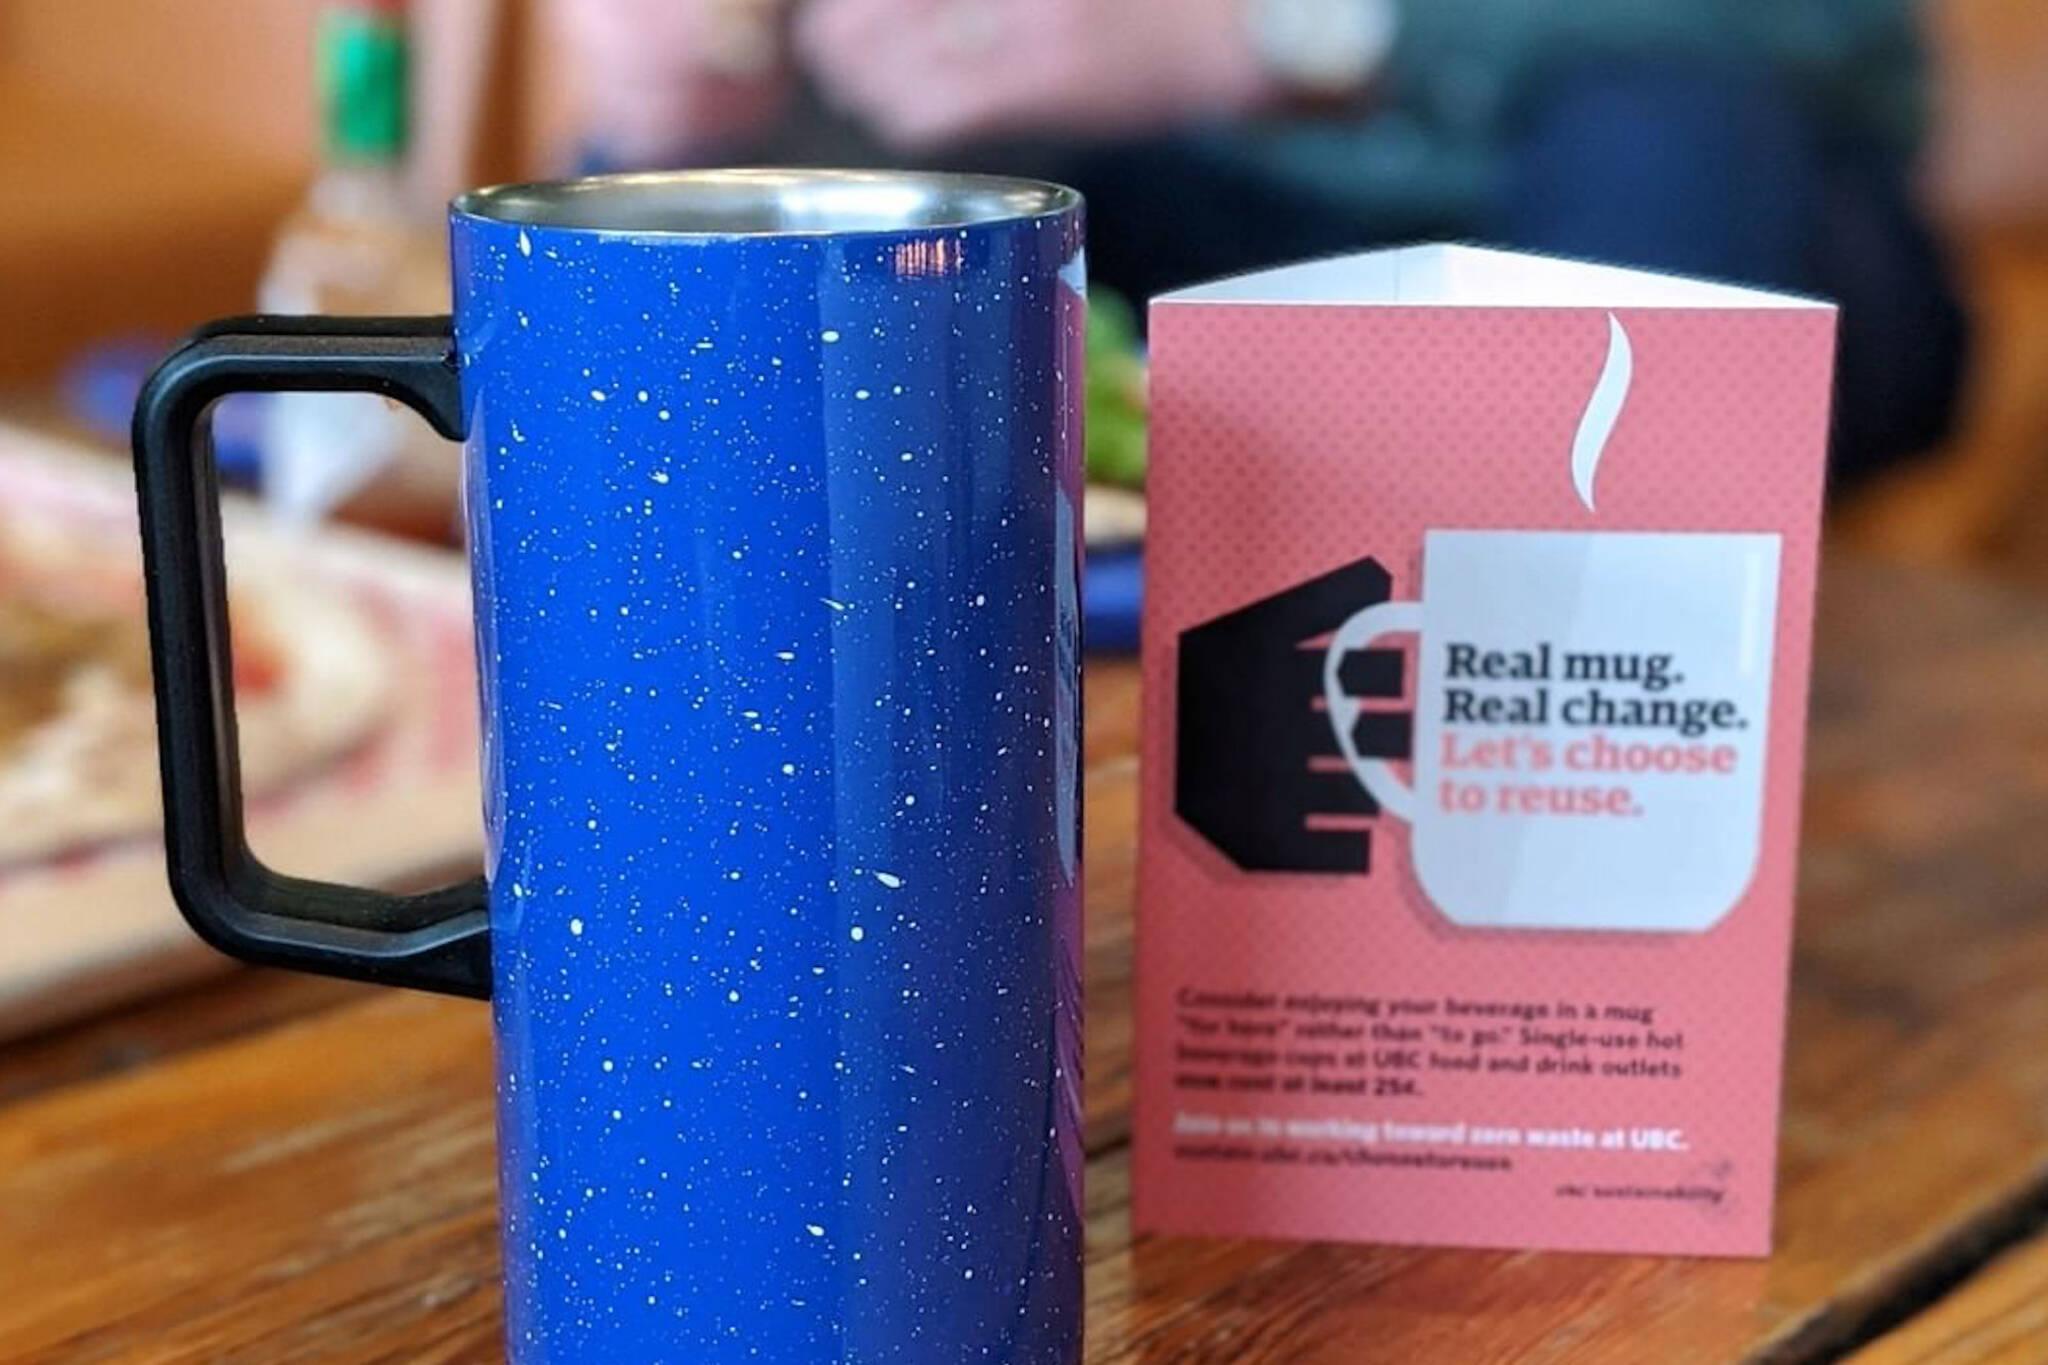 ubc cups